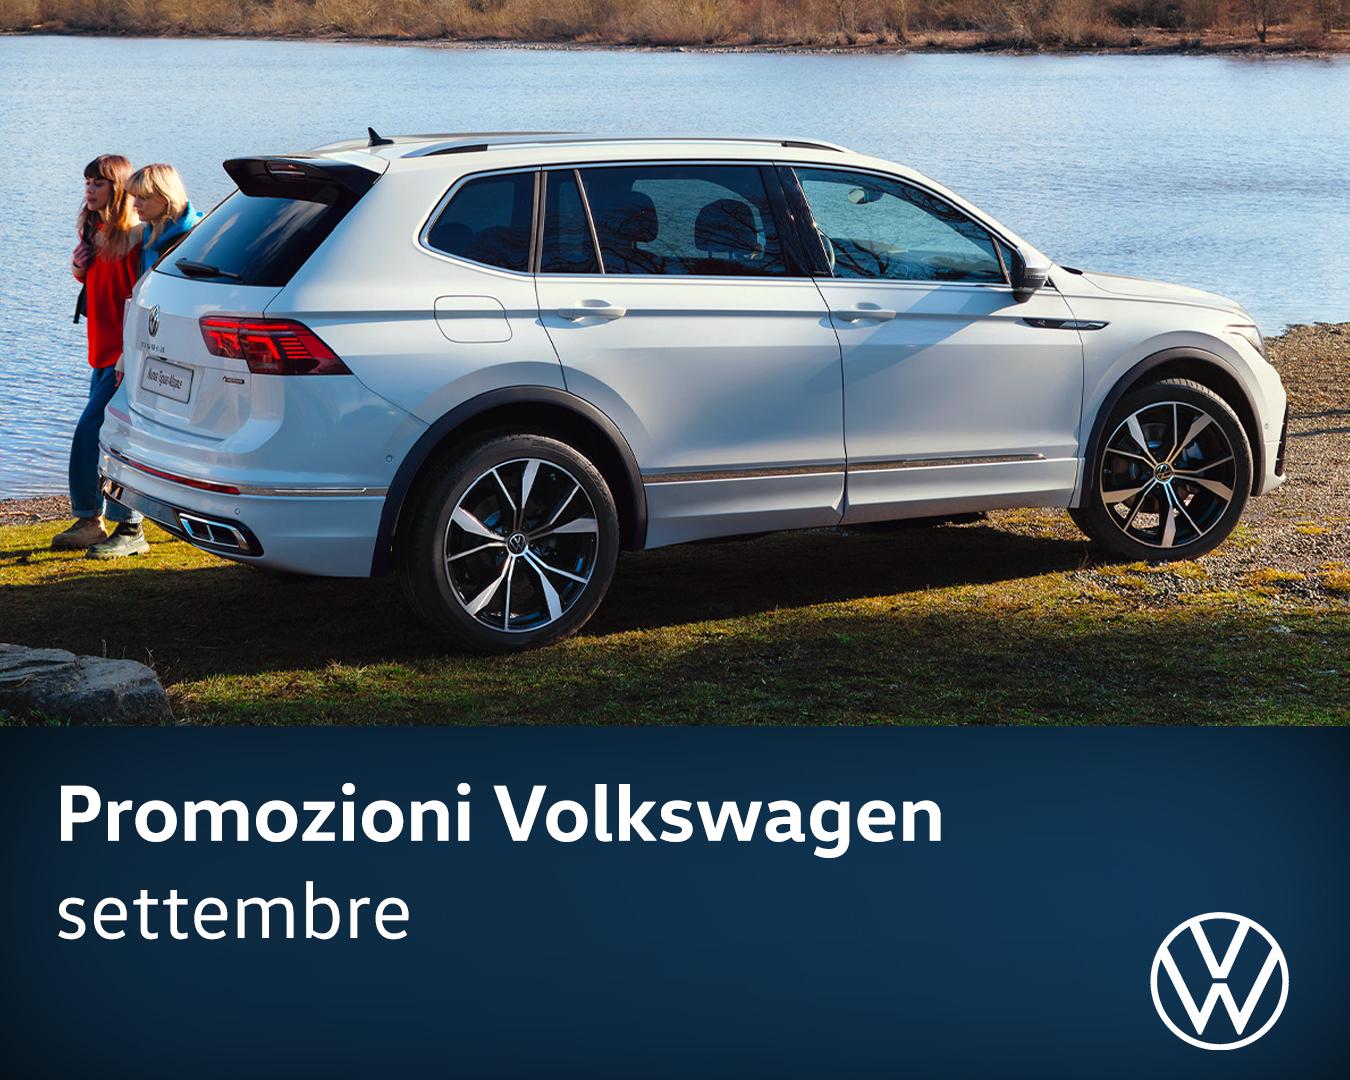 Promozioni Volkswagen Verona